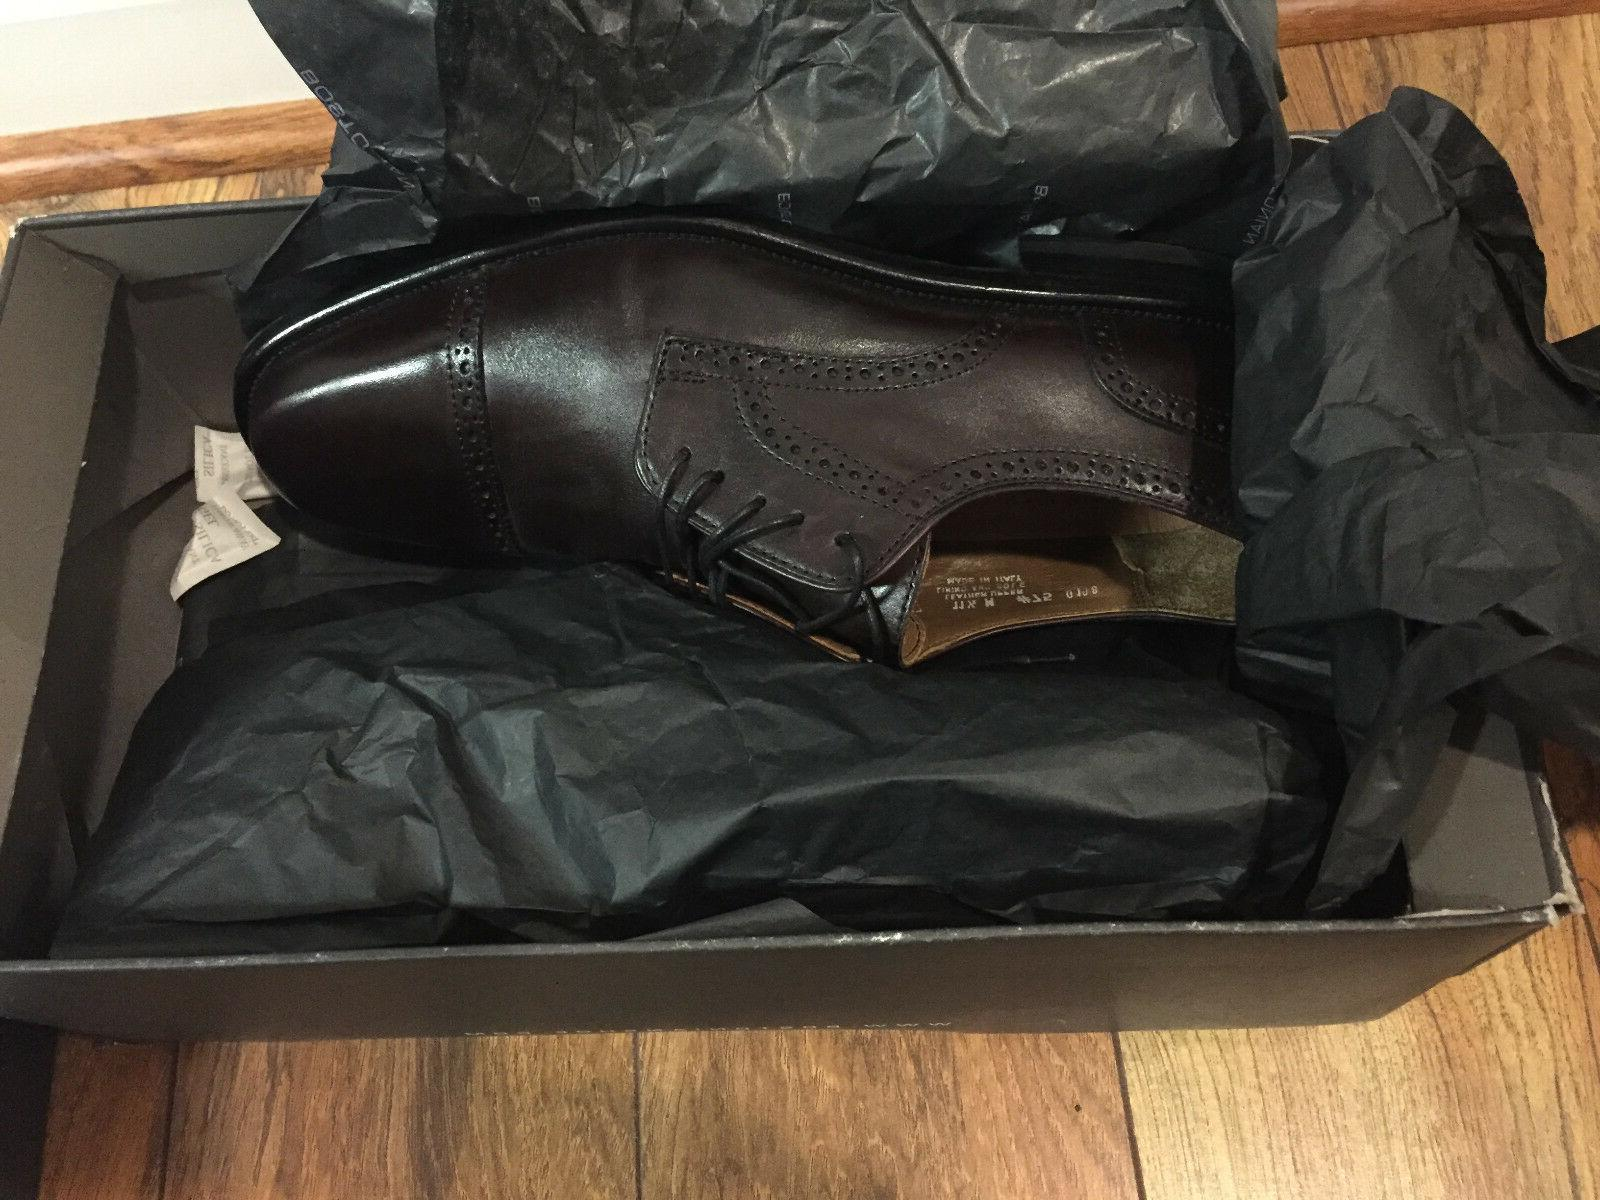 Bostonian Burgundy Brown Oxford Dress 24017, Size 11.5